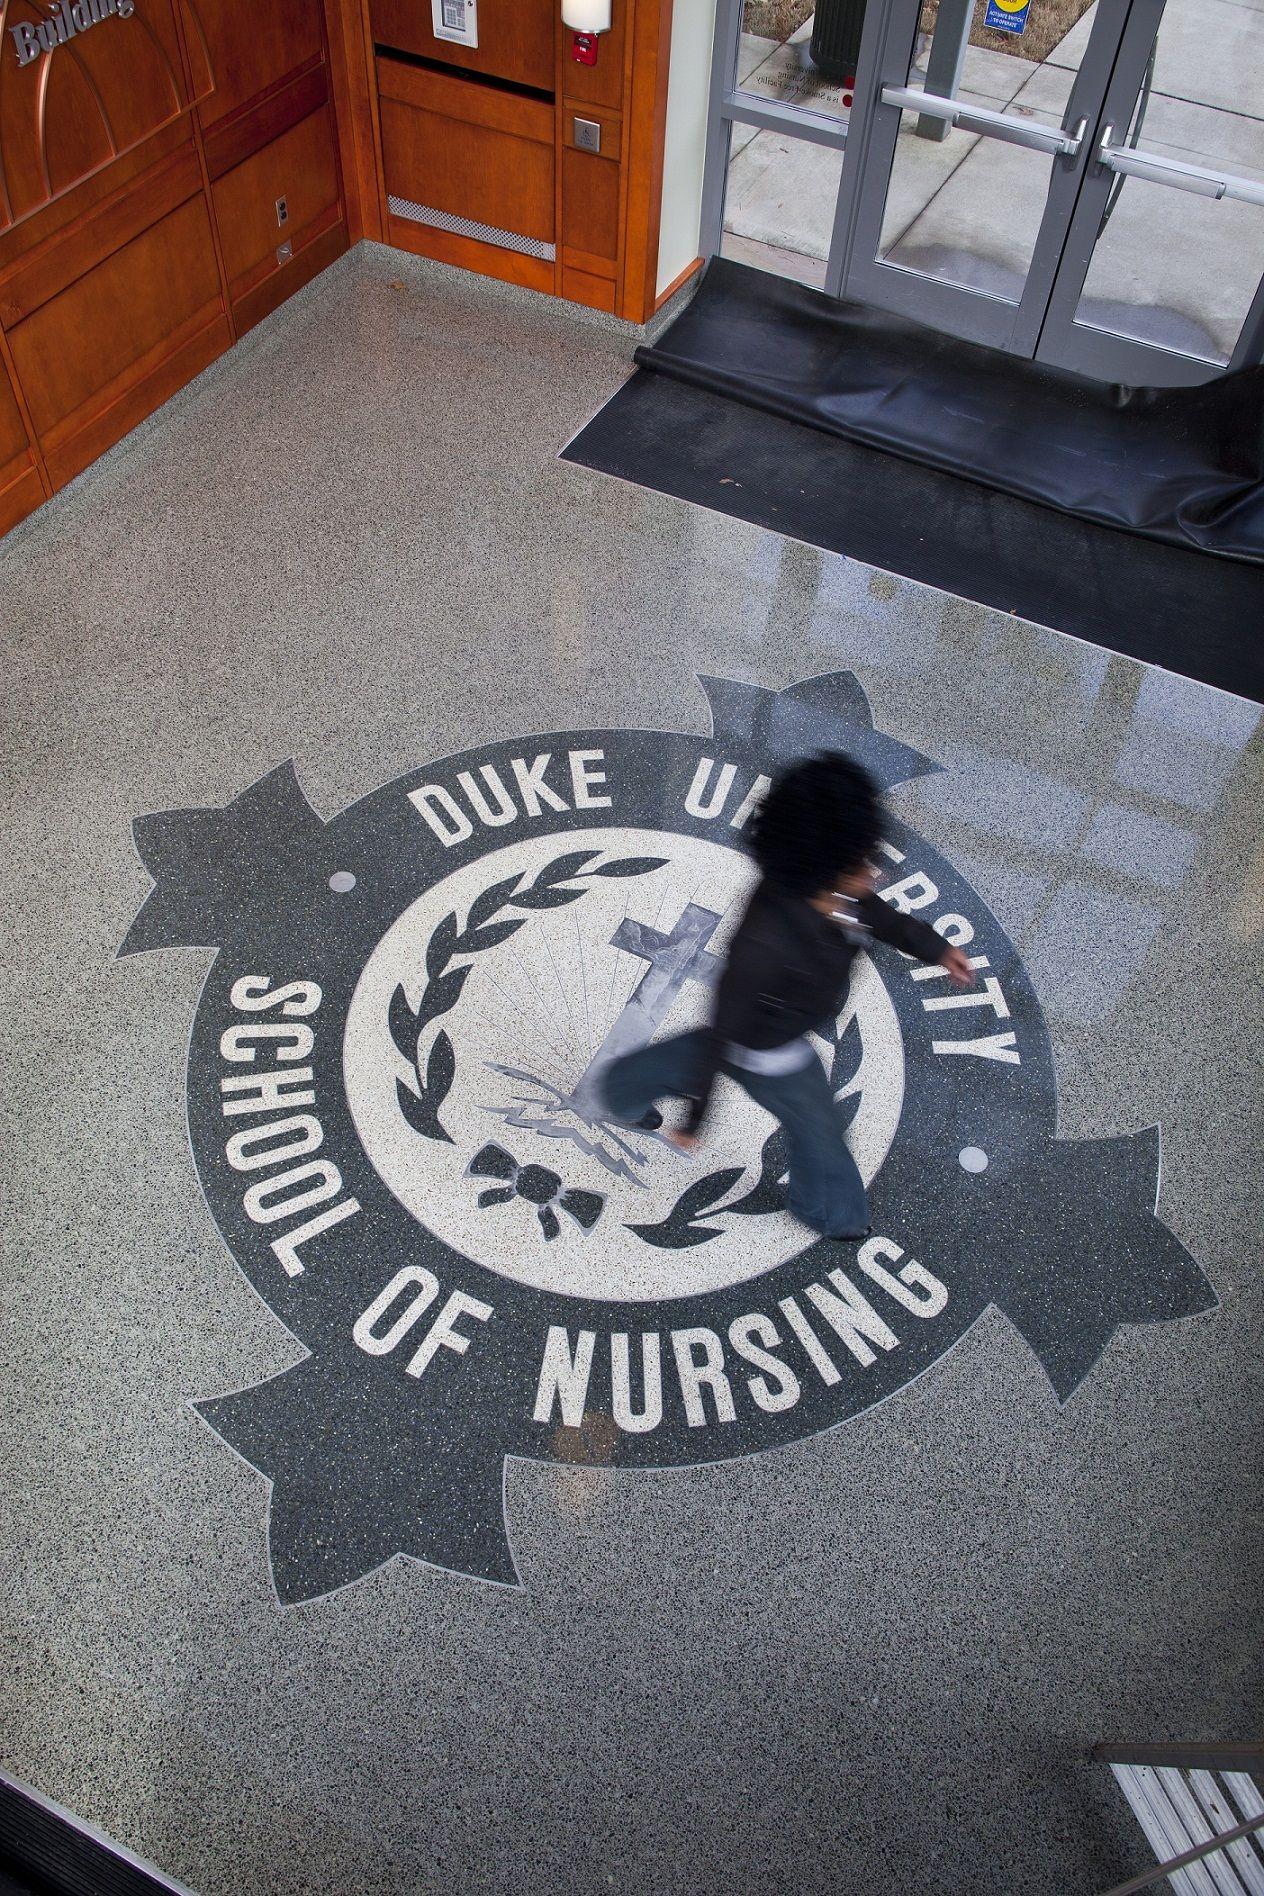 Moving forward at Duke University School of Nursing!  www.nursing.duke.edu